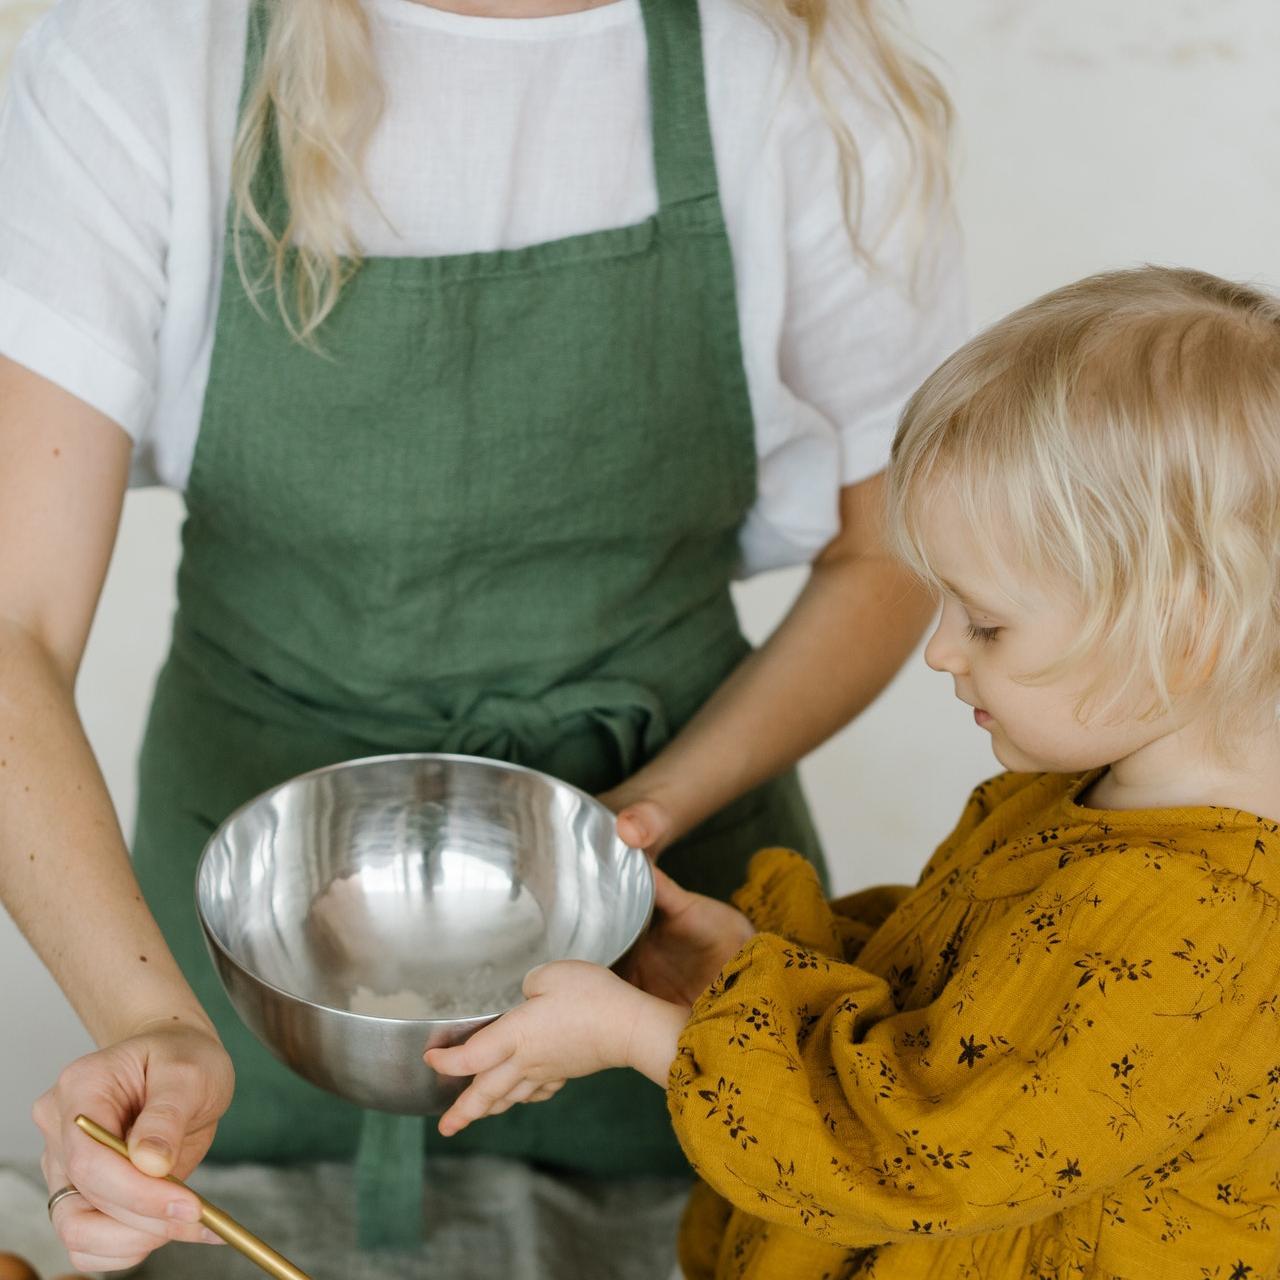 DIY : Atelier cosmétique en famille